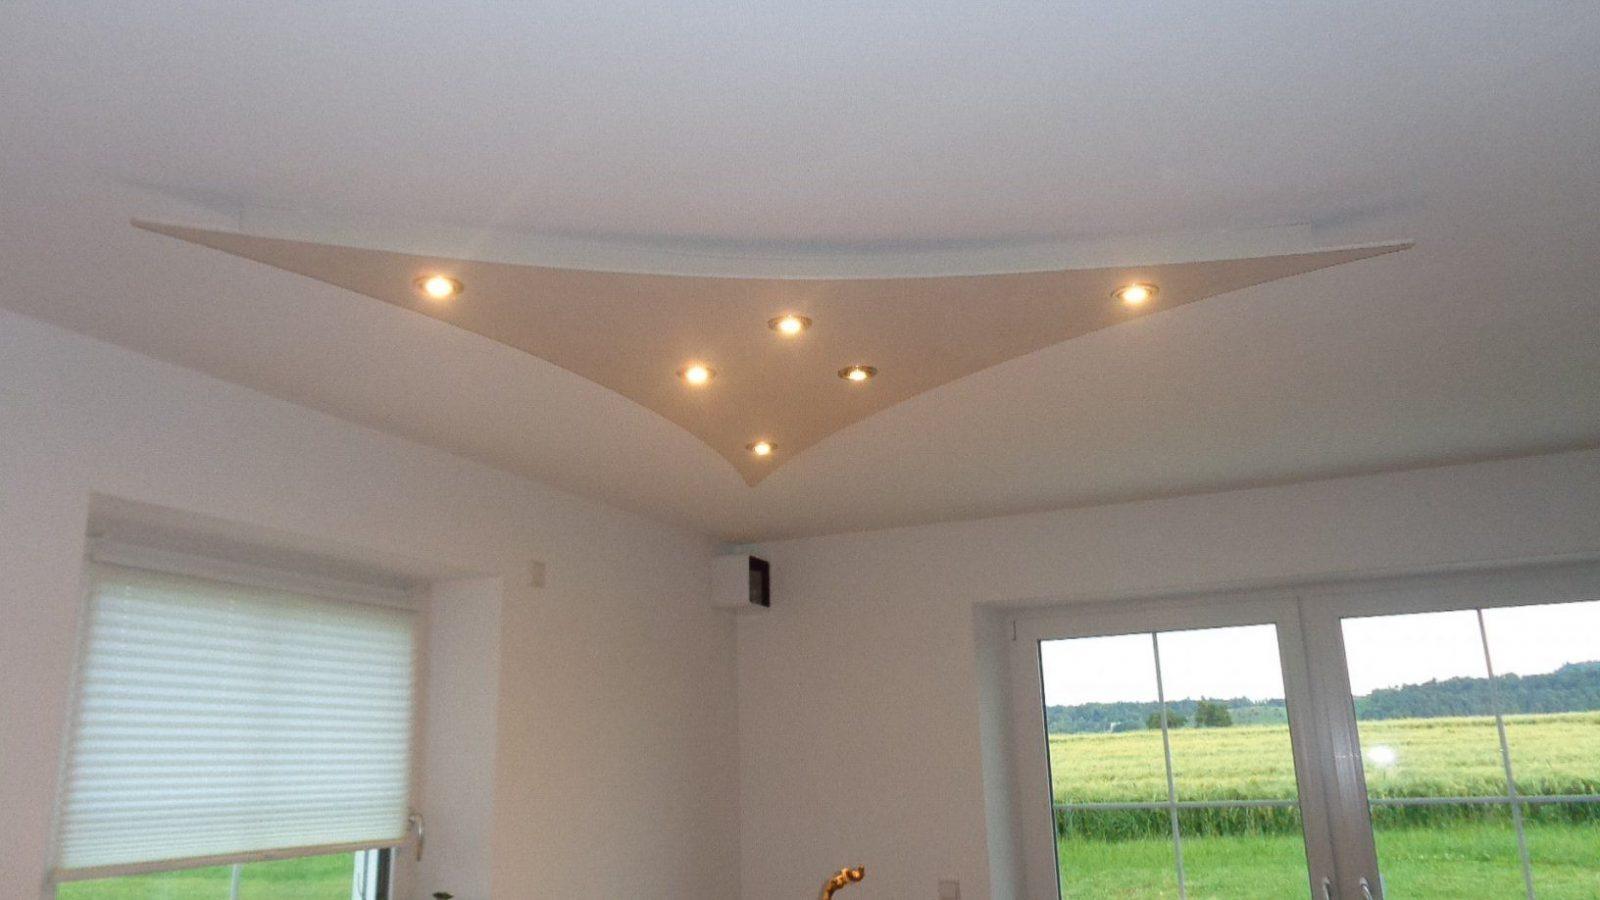 Deckensegel Wind Mit Indirekter Led Beleuchtung von Abgehängte Decke Beleuchtung Selber Bauen Photo